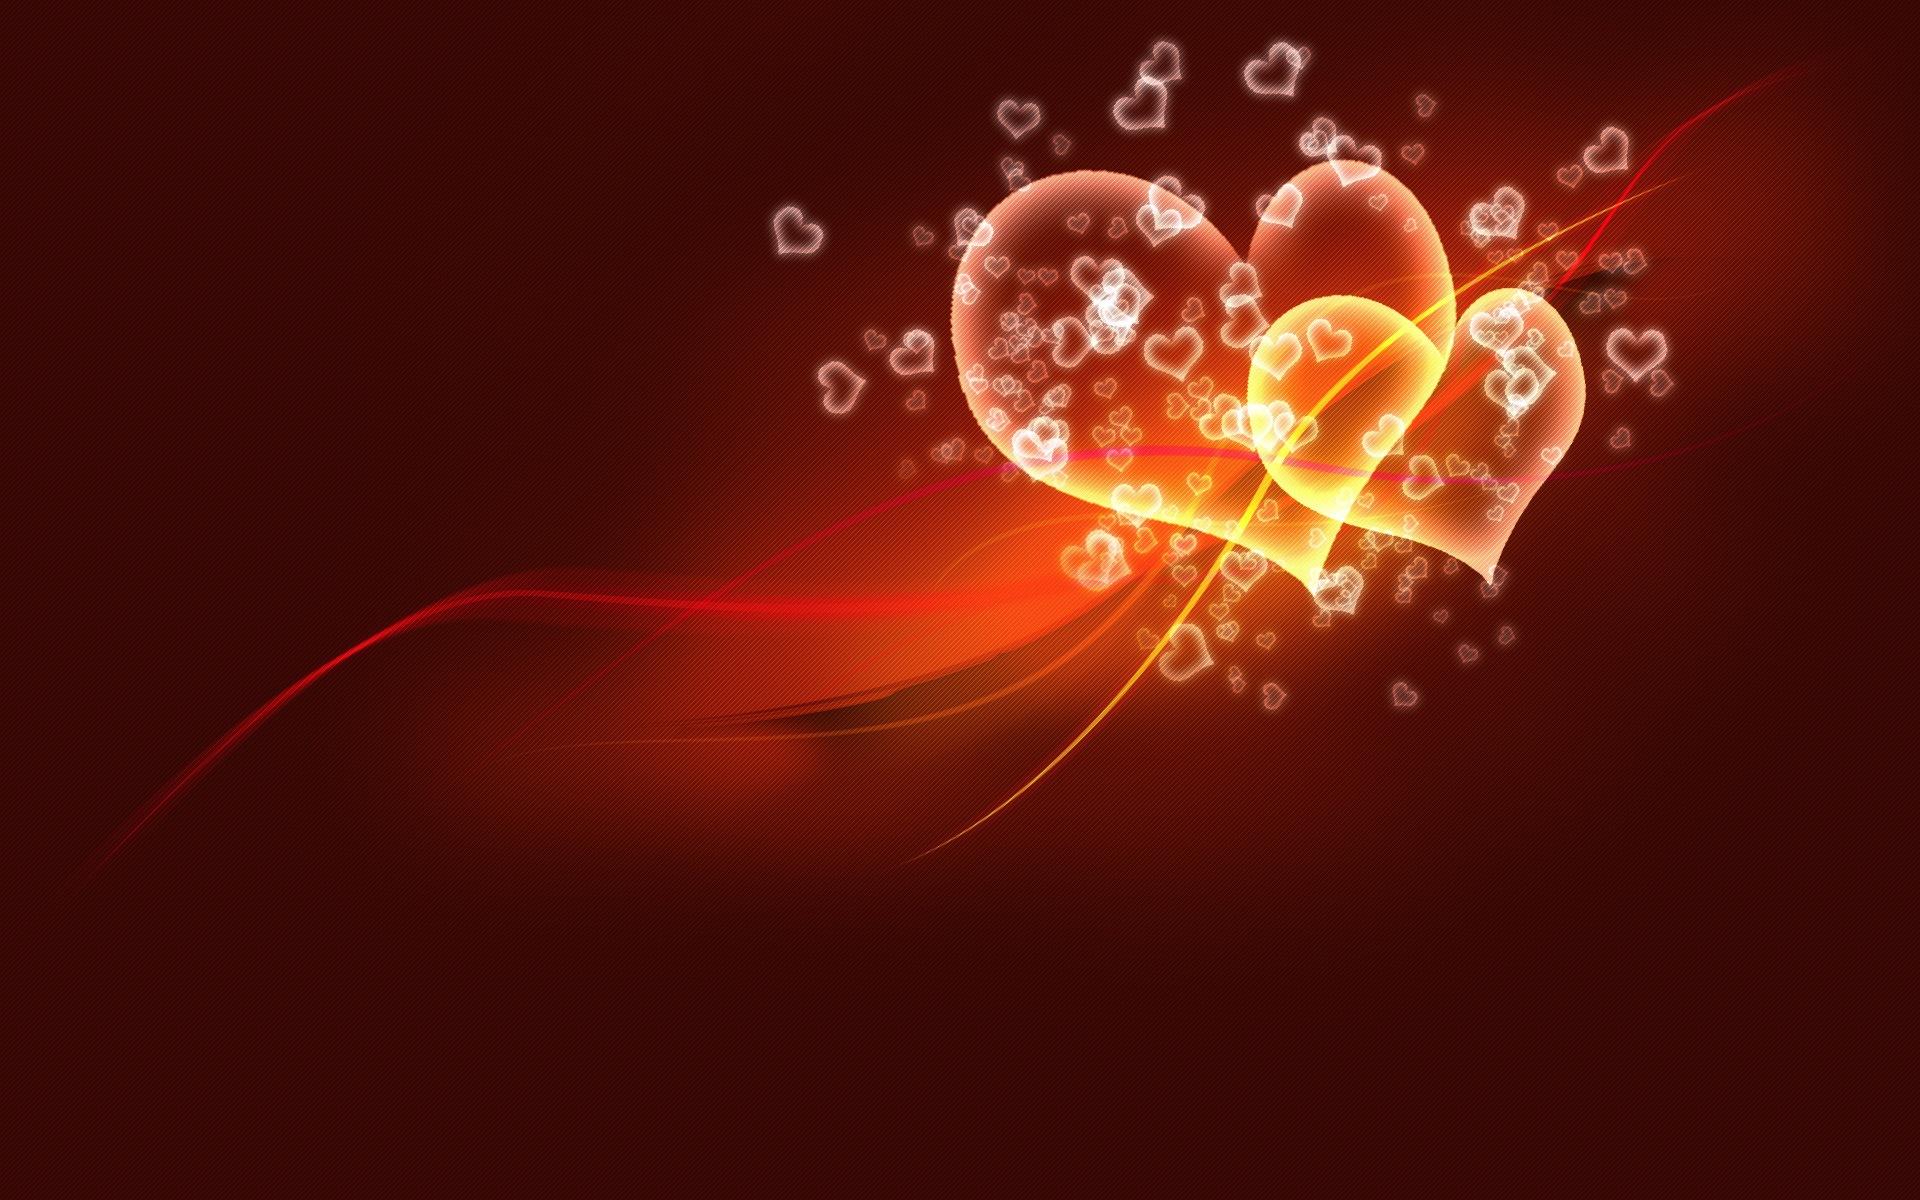 Два сердца обои для рабочего стола картинки фото 1920x1200